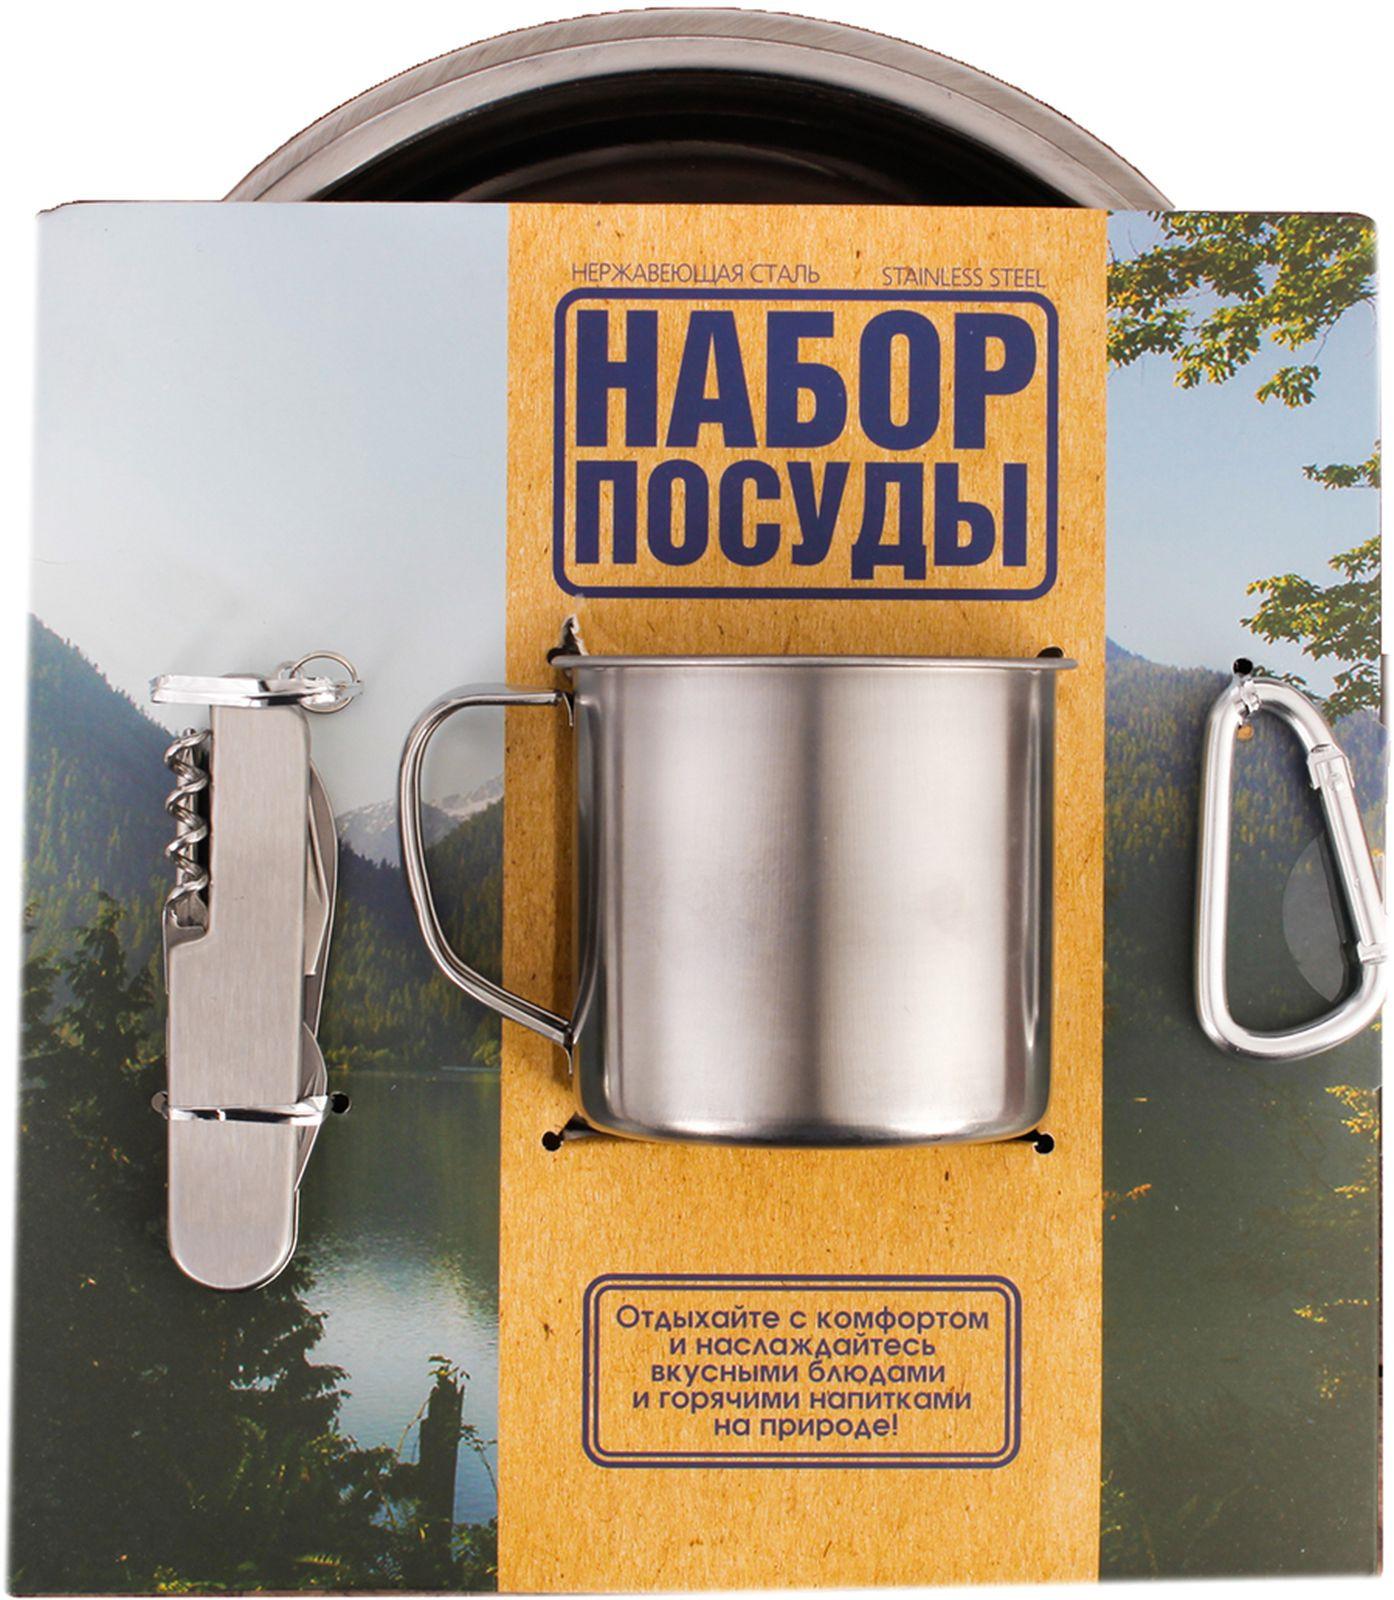 Nabor-pohodnoj-posudy-Komandor-Turisticheskij-2566572-5-predmetov-154448807